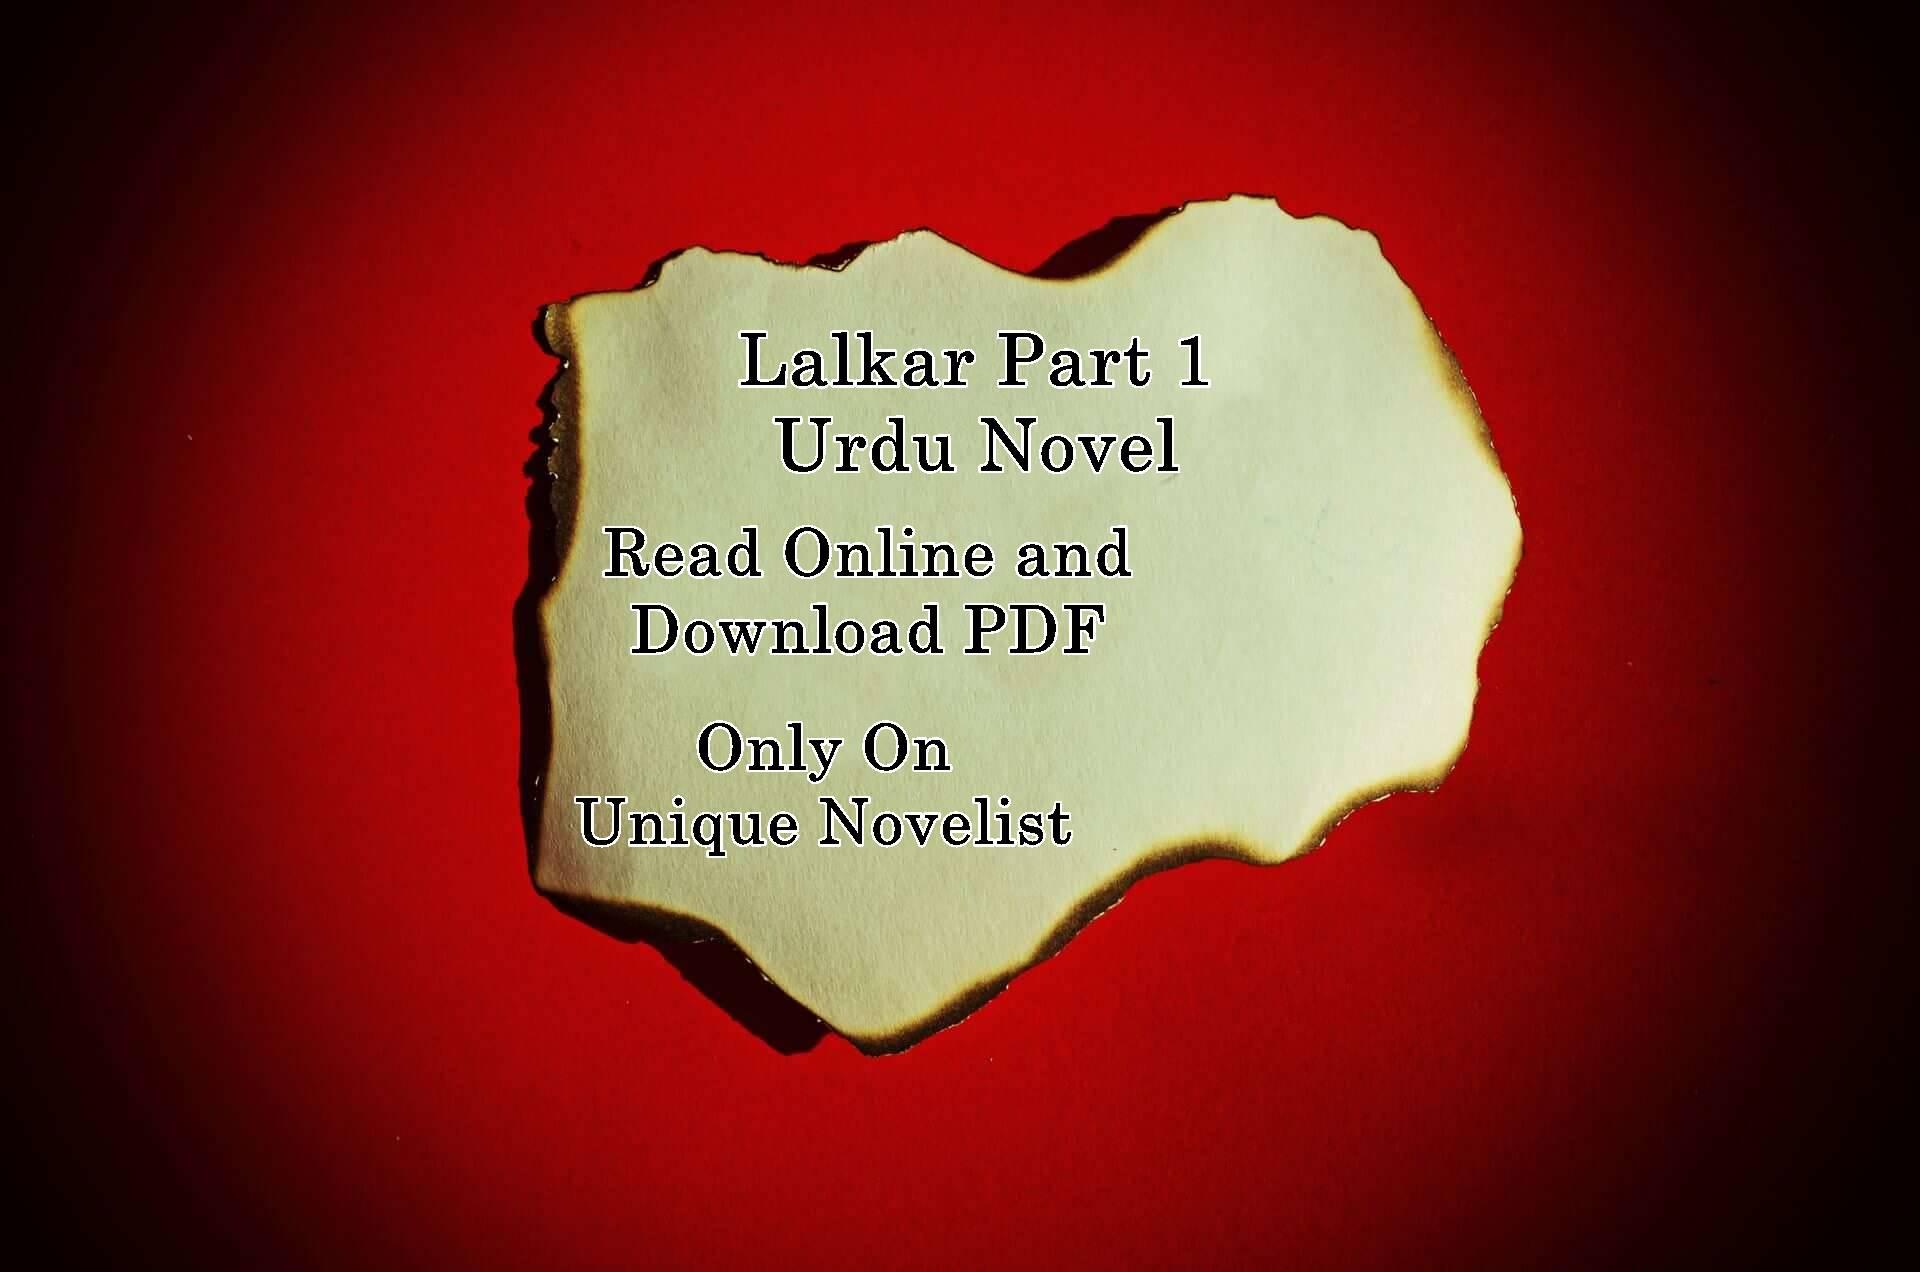 Lalkar Part 1 Novel PDF Download